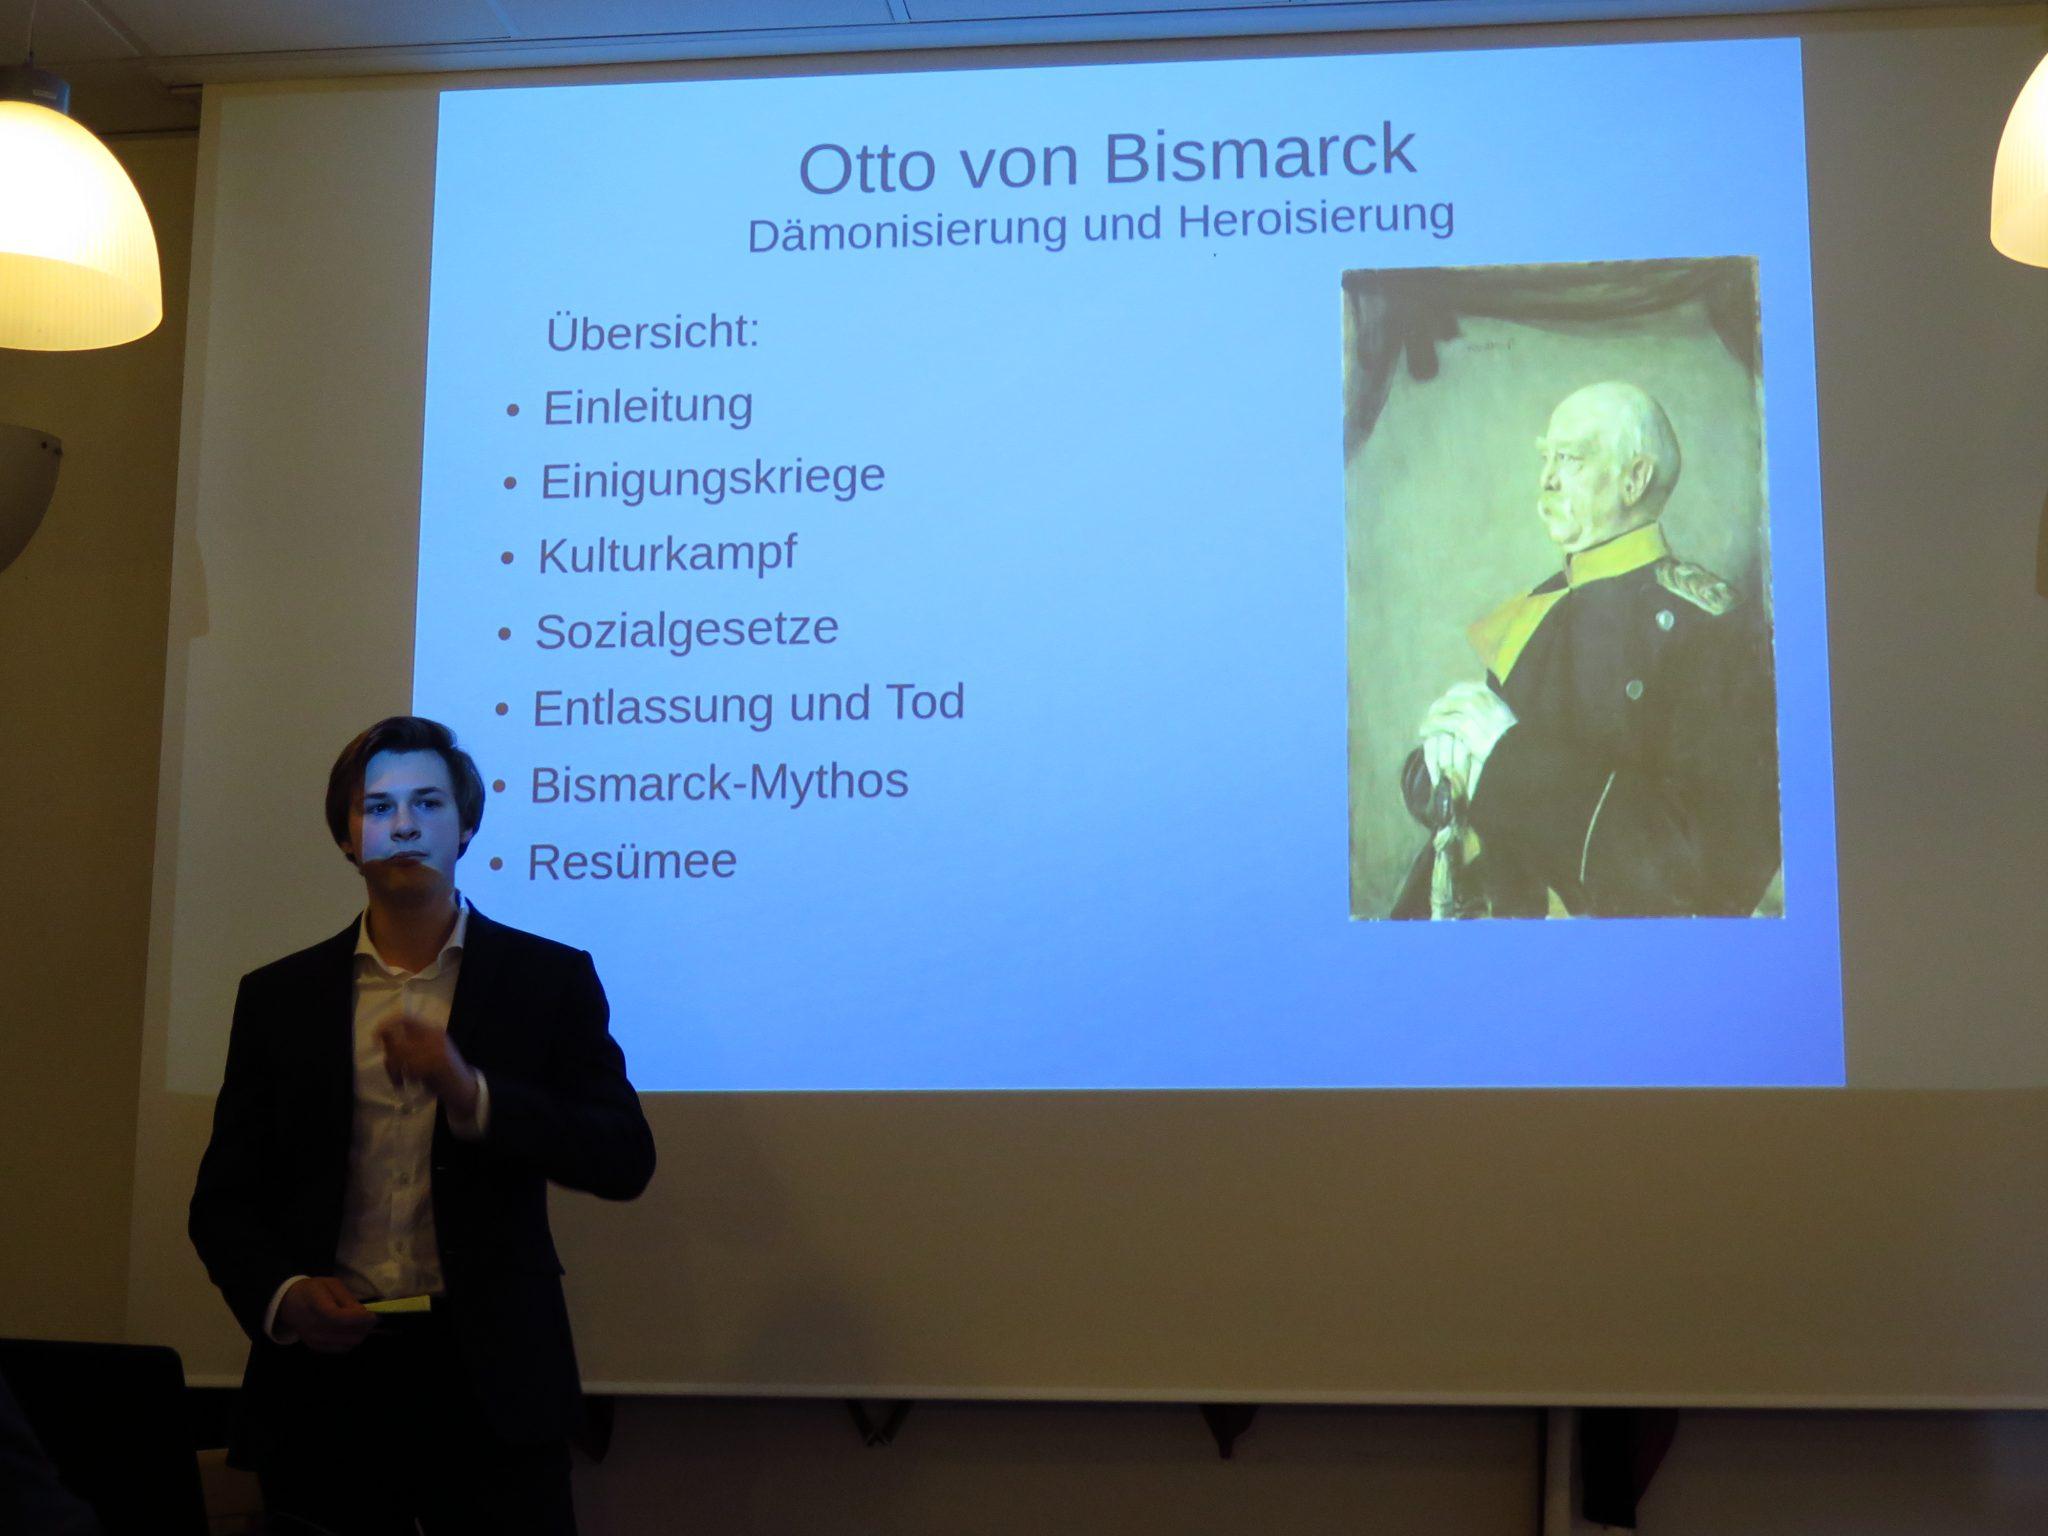 Otto von Bismarck – Burschungsvortrag von Marcel Kinzen